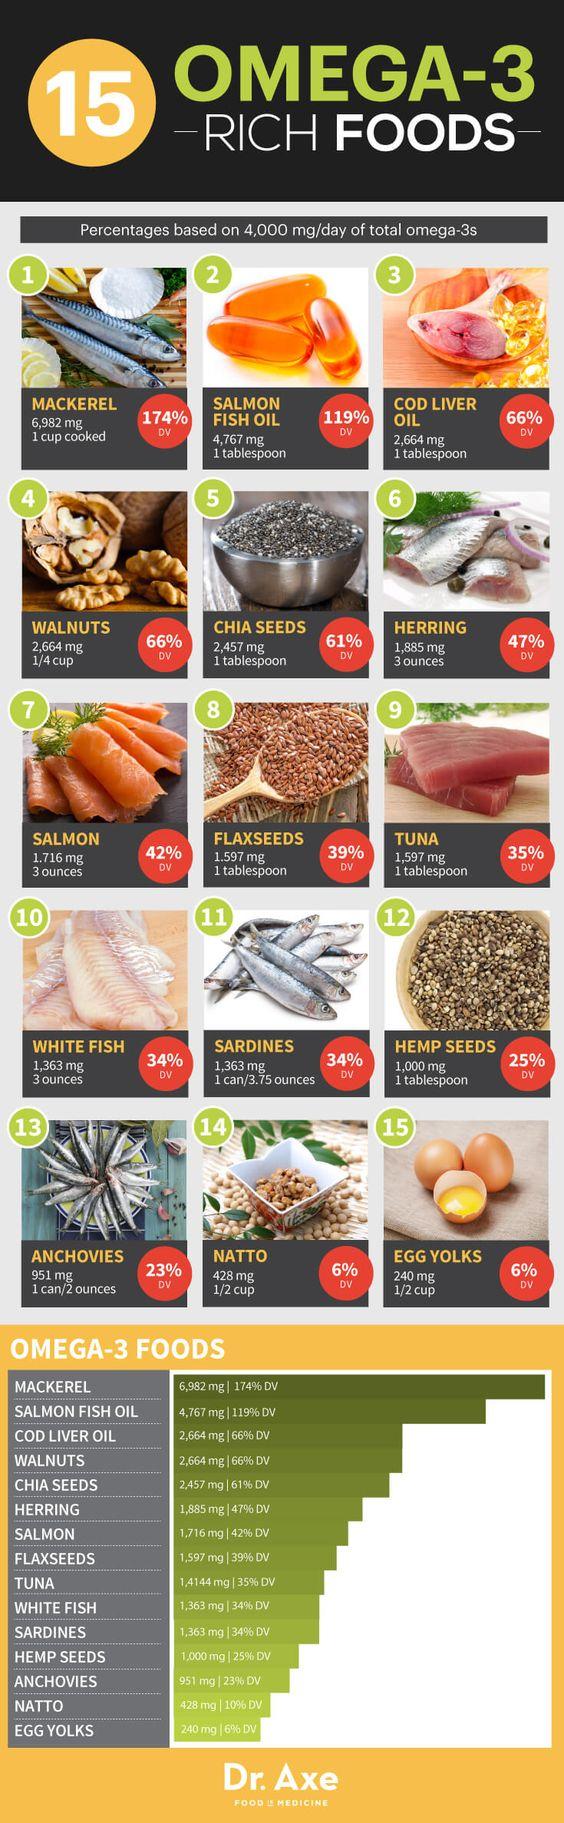 Omega-3 foods: